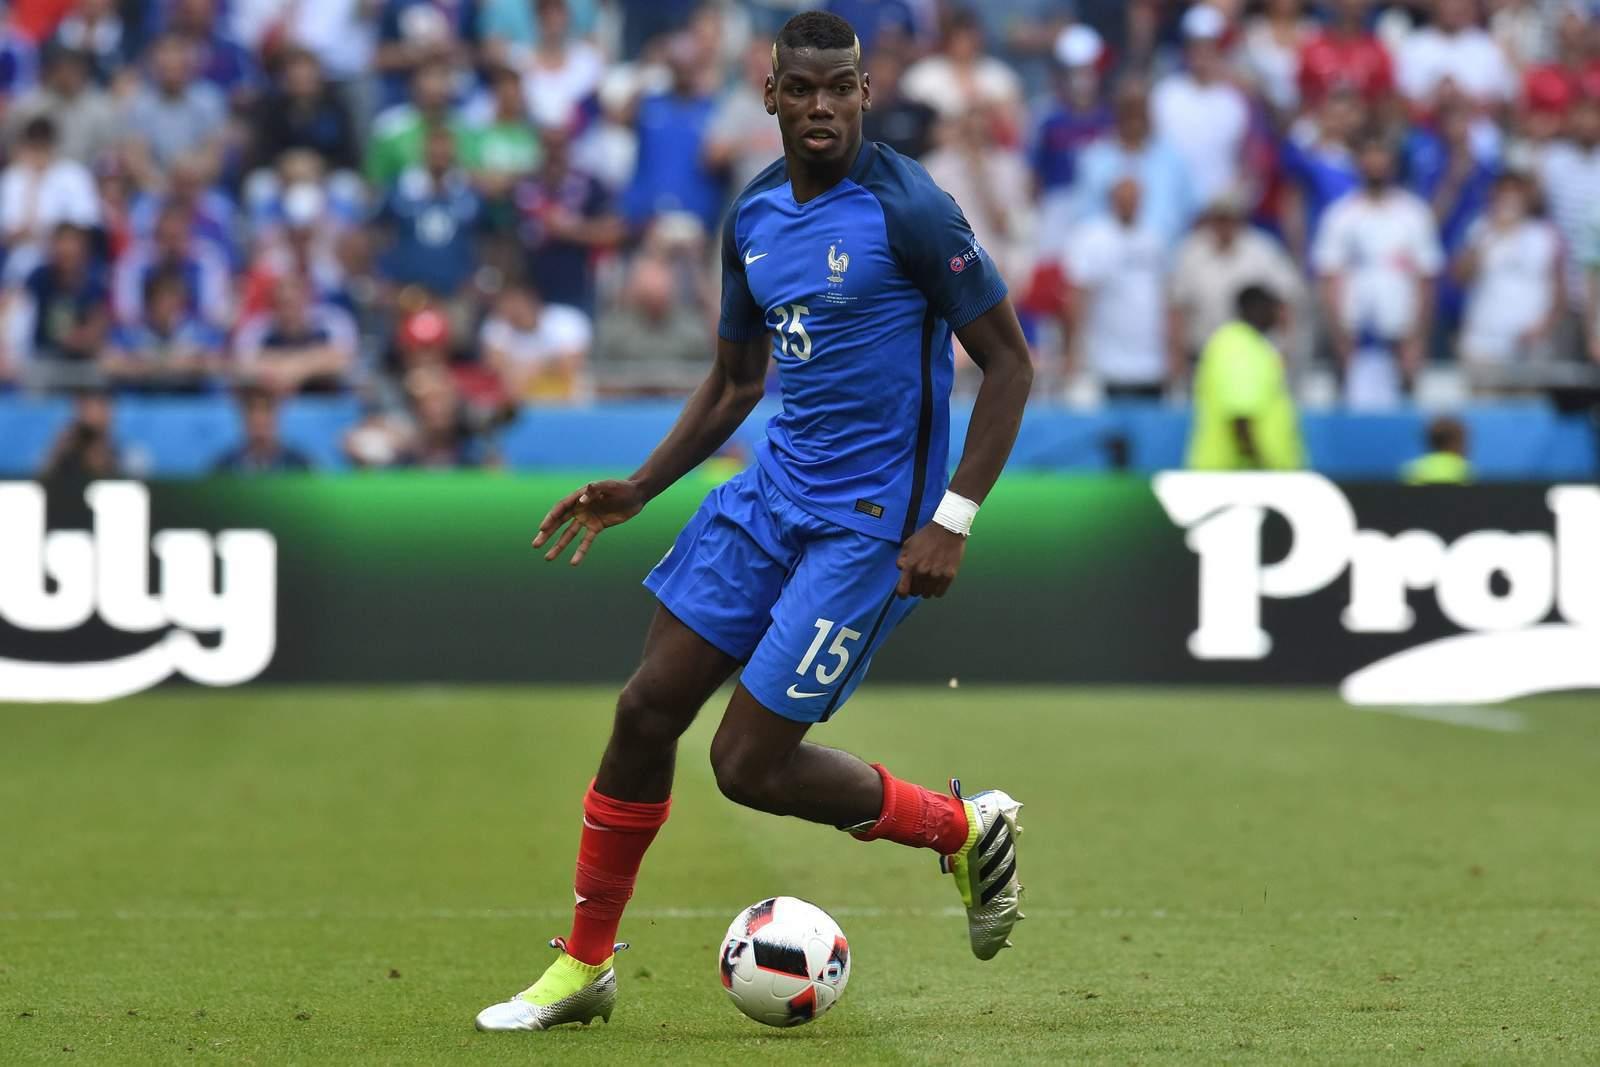 Führt Pogba die Equipe Tricolore zum Sieg? Jetzt auf Frankreich gegen Australien wetten